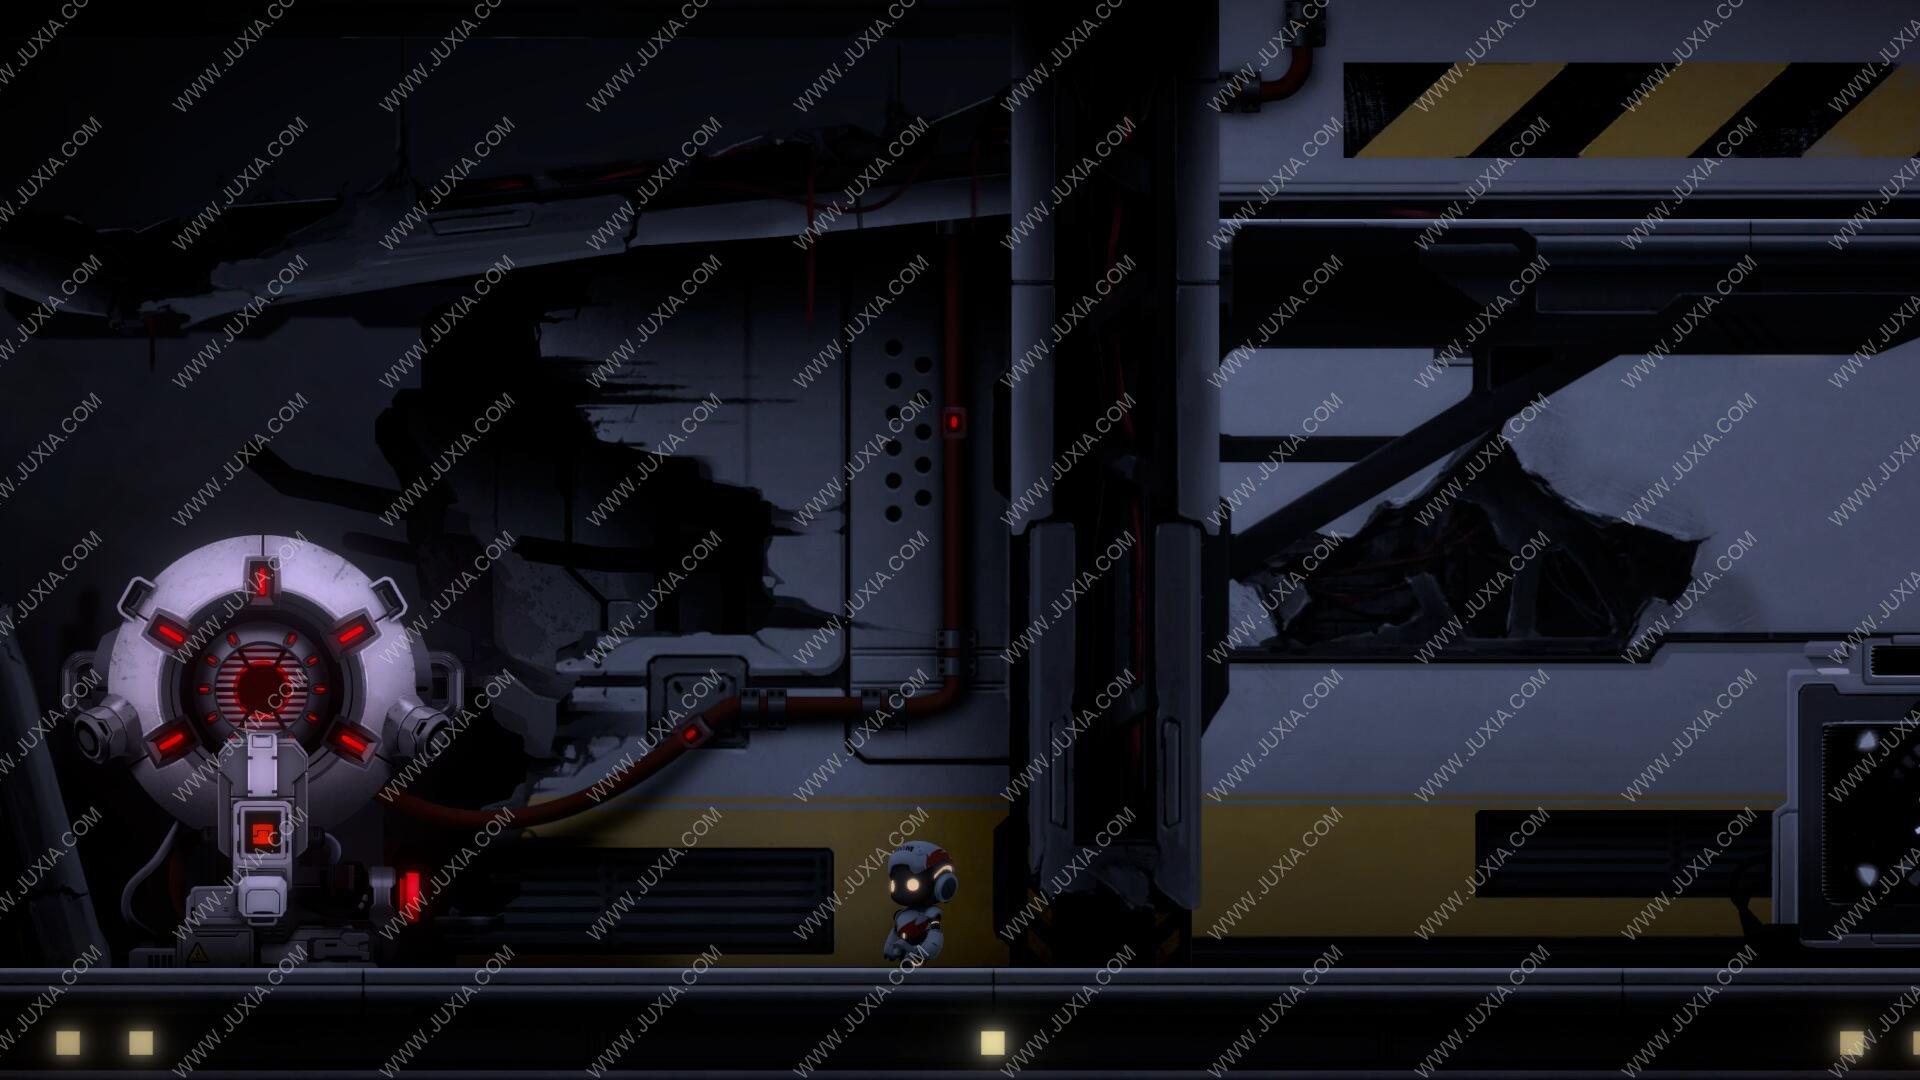 默途攻略第一章机器人仓库 MONOBOT游戏机关怎么破解